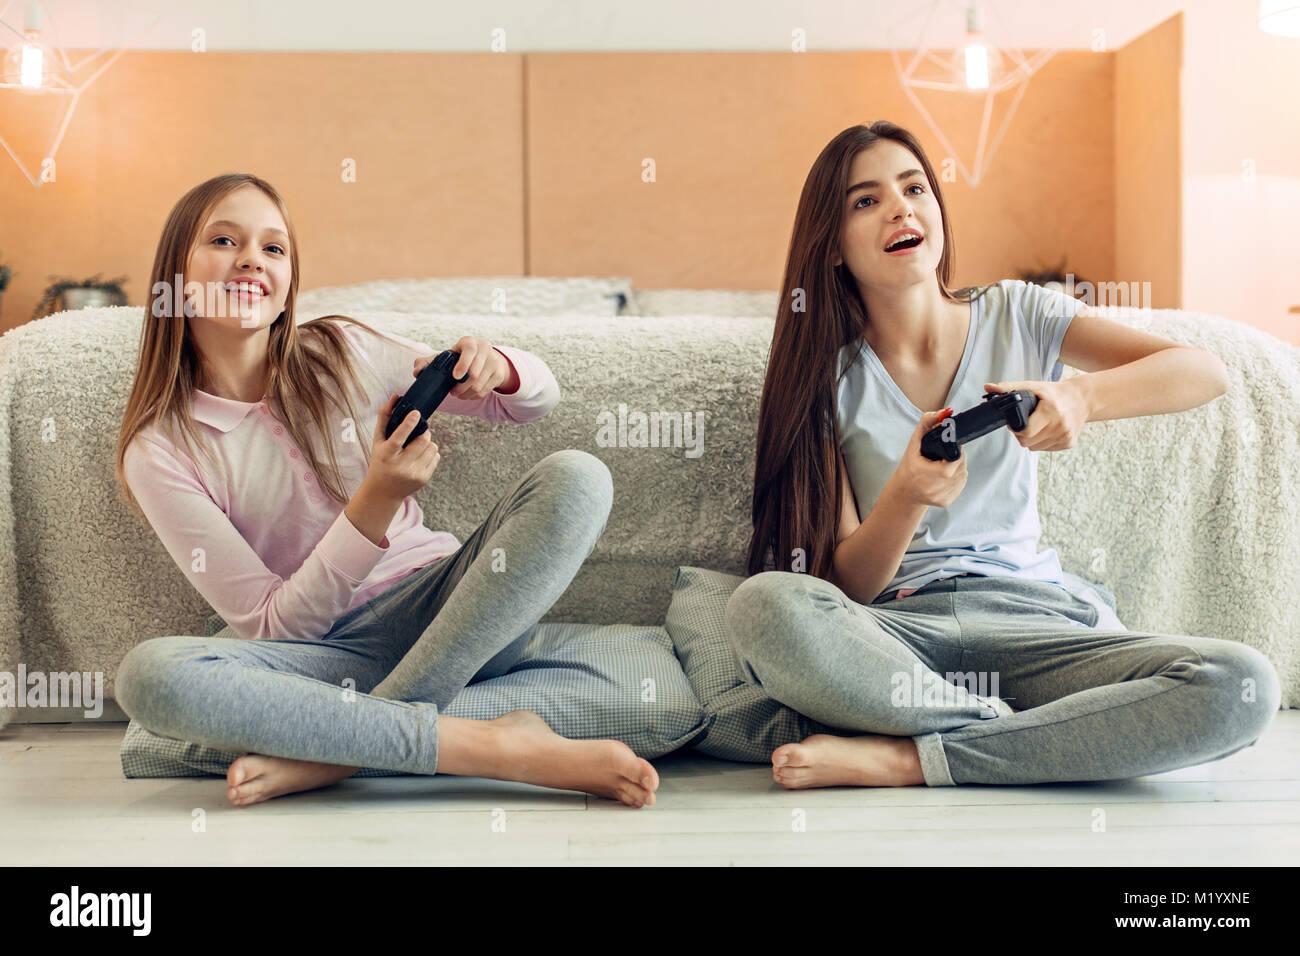 Deux sœurs adolescentes jouer jeu vidéo dans la chambre Photo Stock